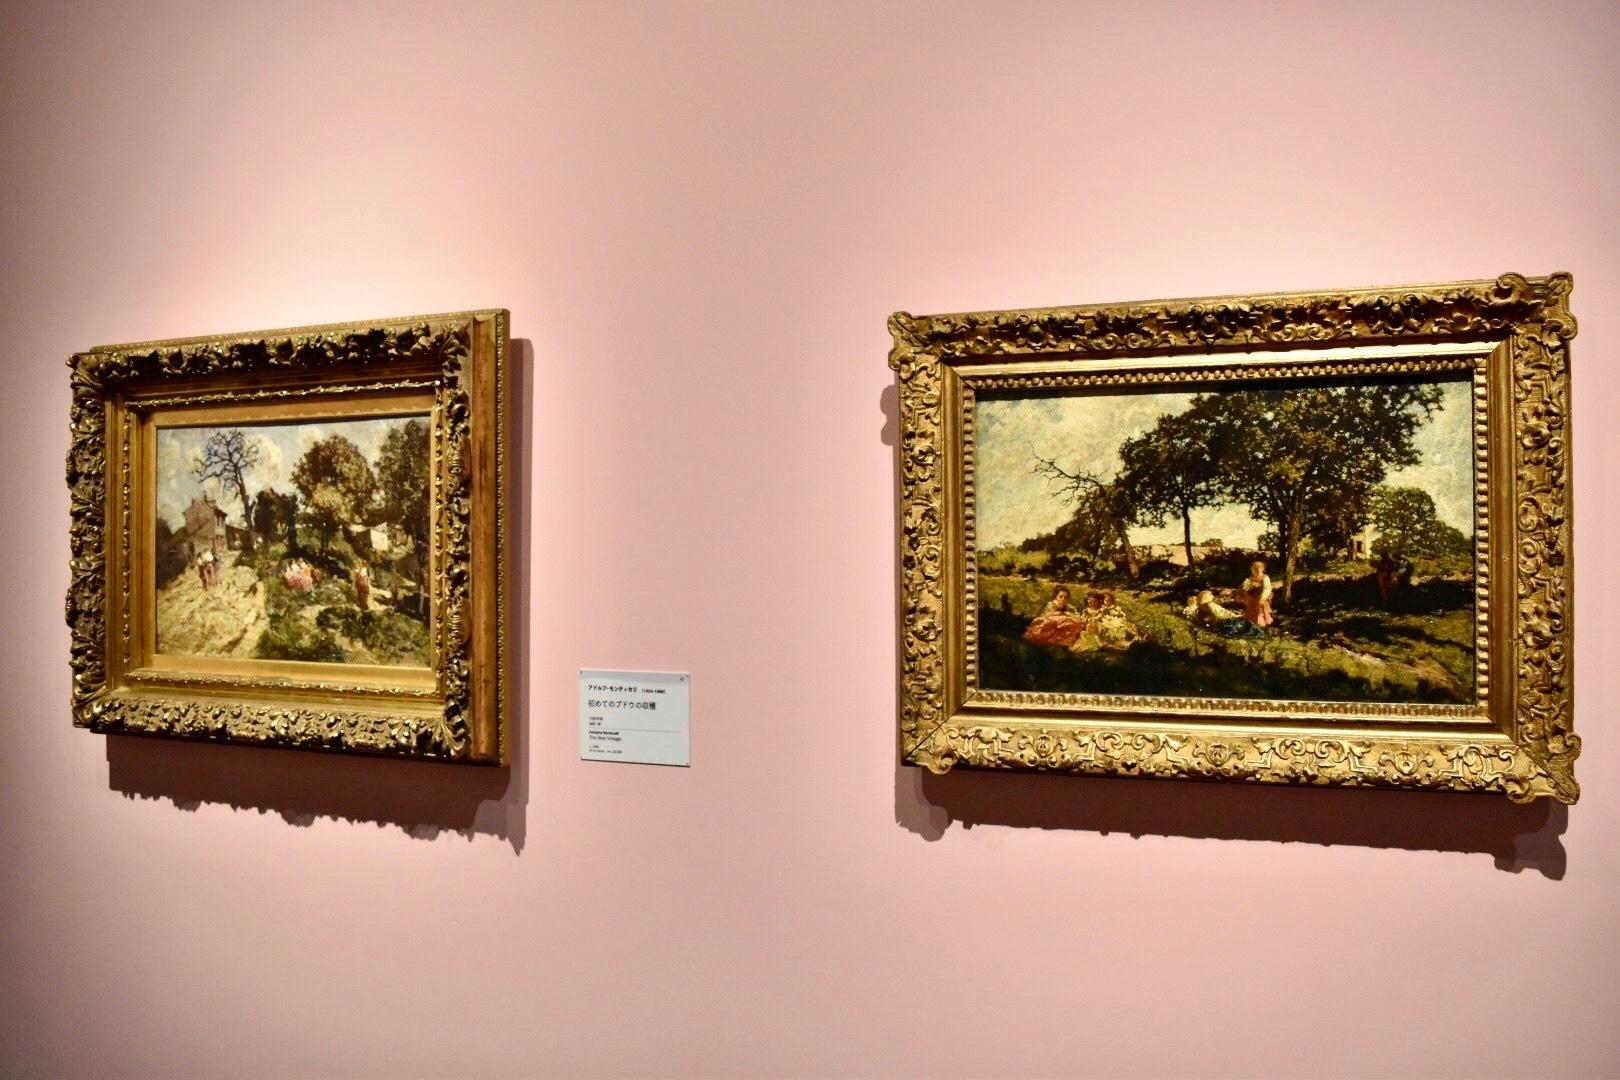 左:アドルフ・モンティセリ 《初めてのブドウの収穫》 1868年頃 油彩、板 (C)CSG CIC Glasgow Museums  Collection 右:アドルフ・モンティセリ 《庭で遊ぶ子どもたち》 1867年頃 油彩、板 (C)CSG CIC Glasgow Museums Collection